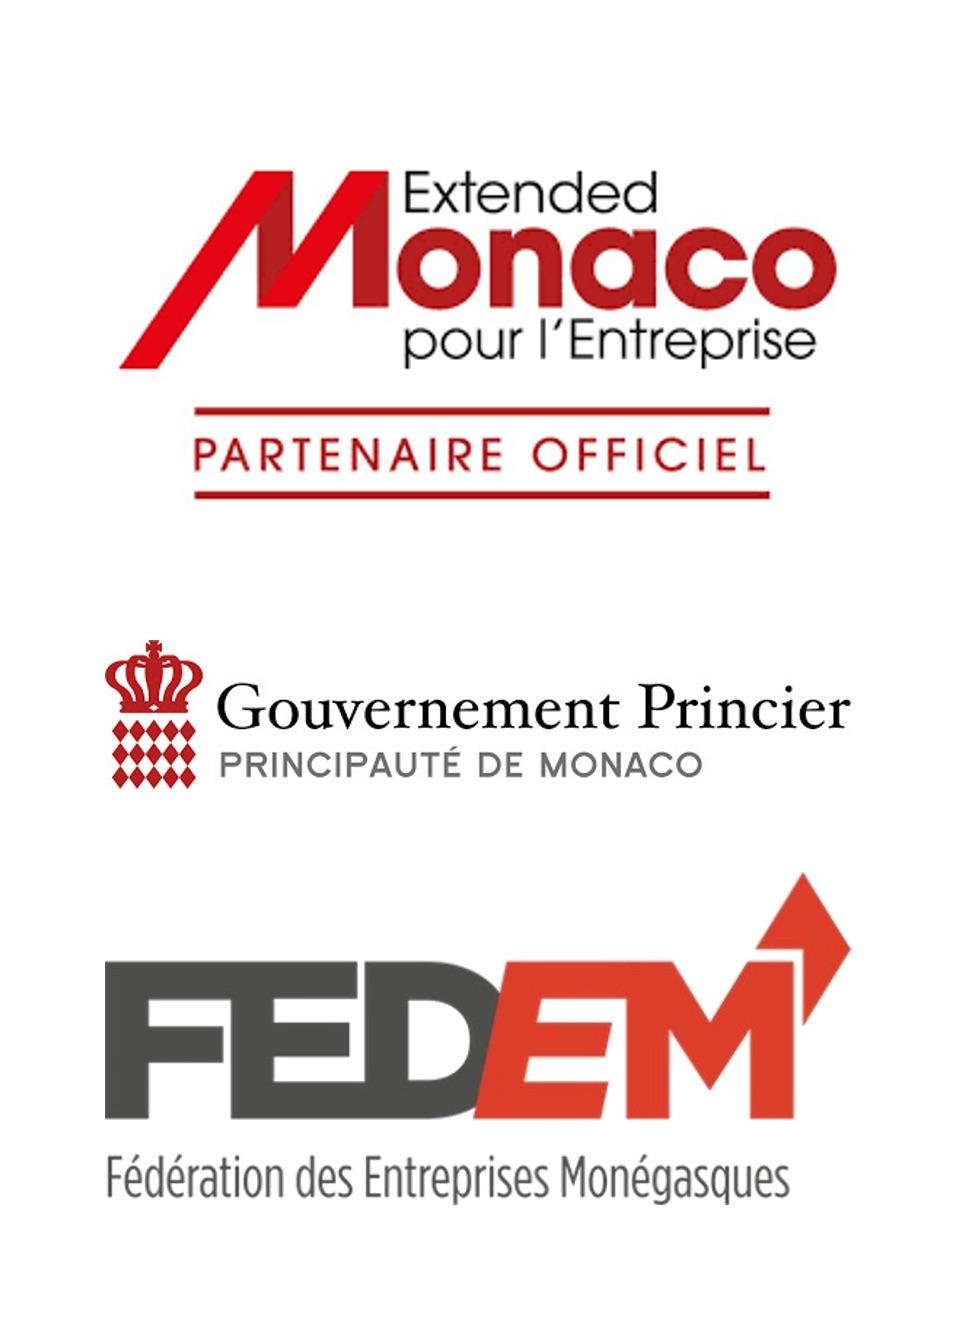 AIP Digital partenaire d'Extended Monaco pour l'Entreprise